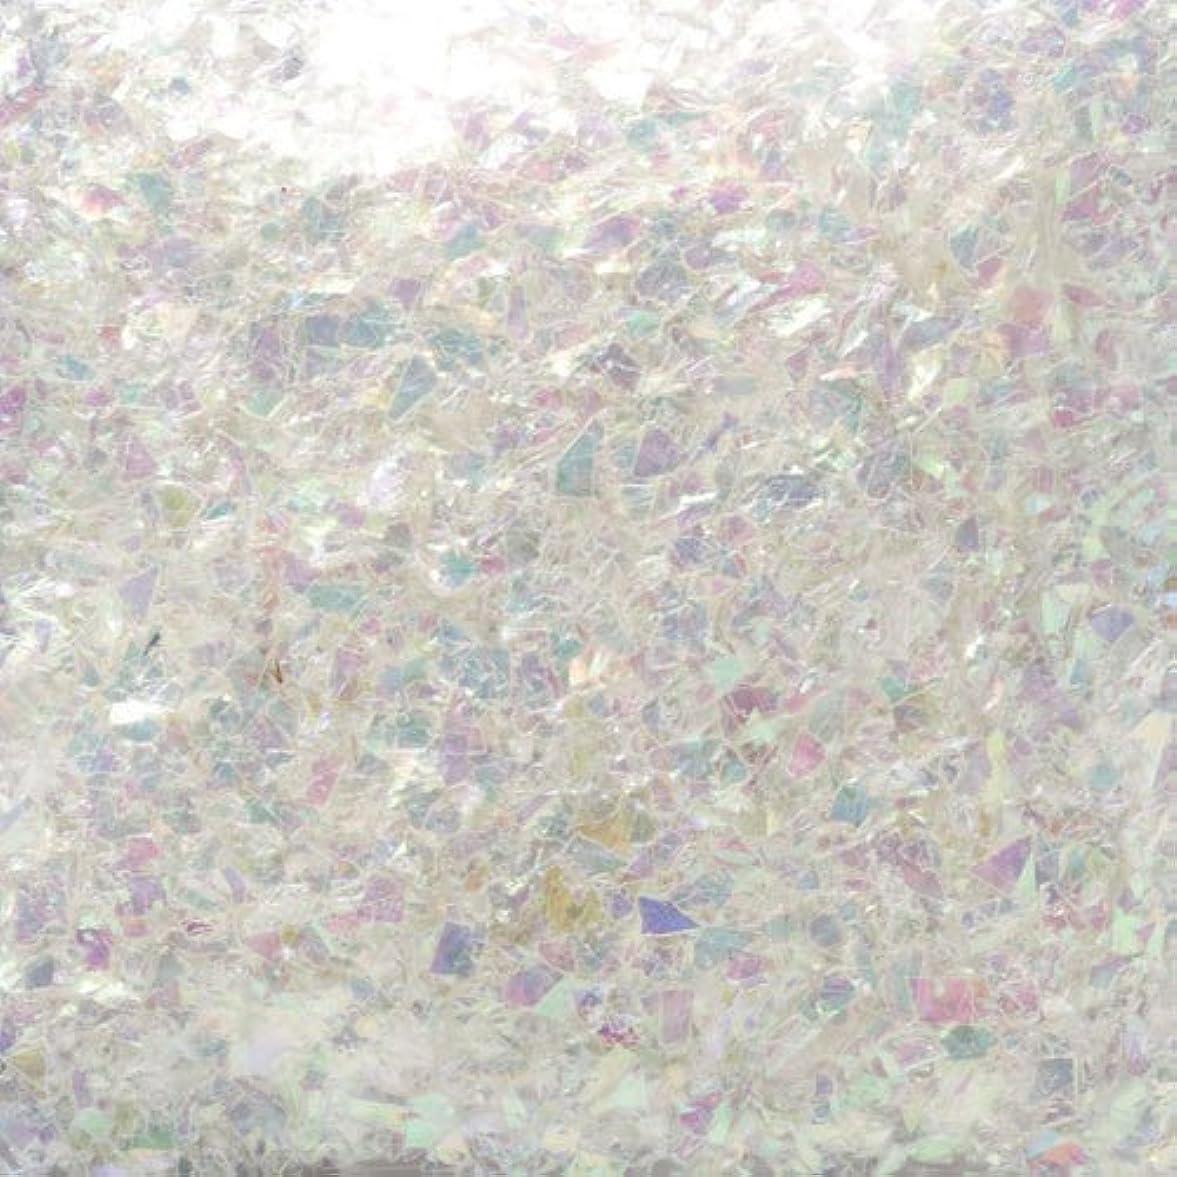 ジャケット悲しむポゴスティックジャンプピカエース ネイル用パウダー ピカエース 乱切オーロラ #710 ホワイト 1g アート材